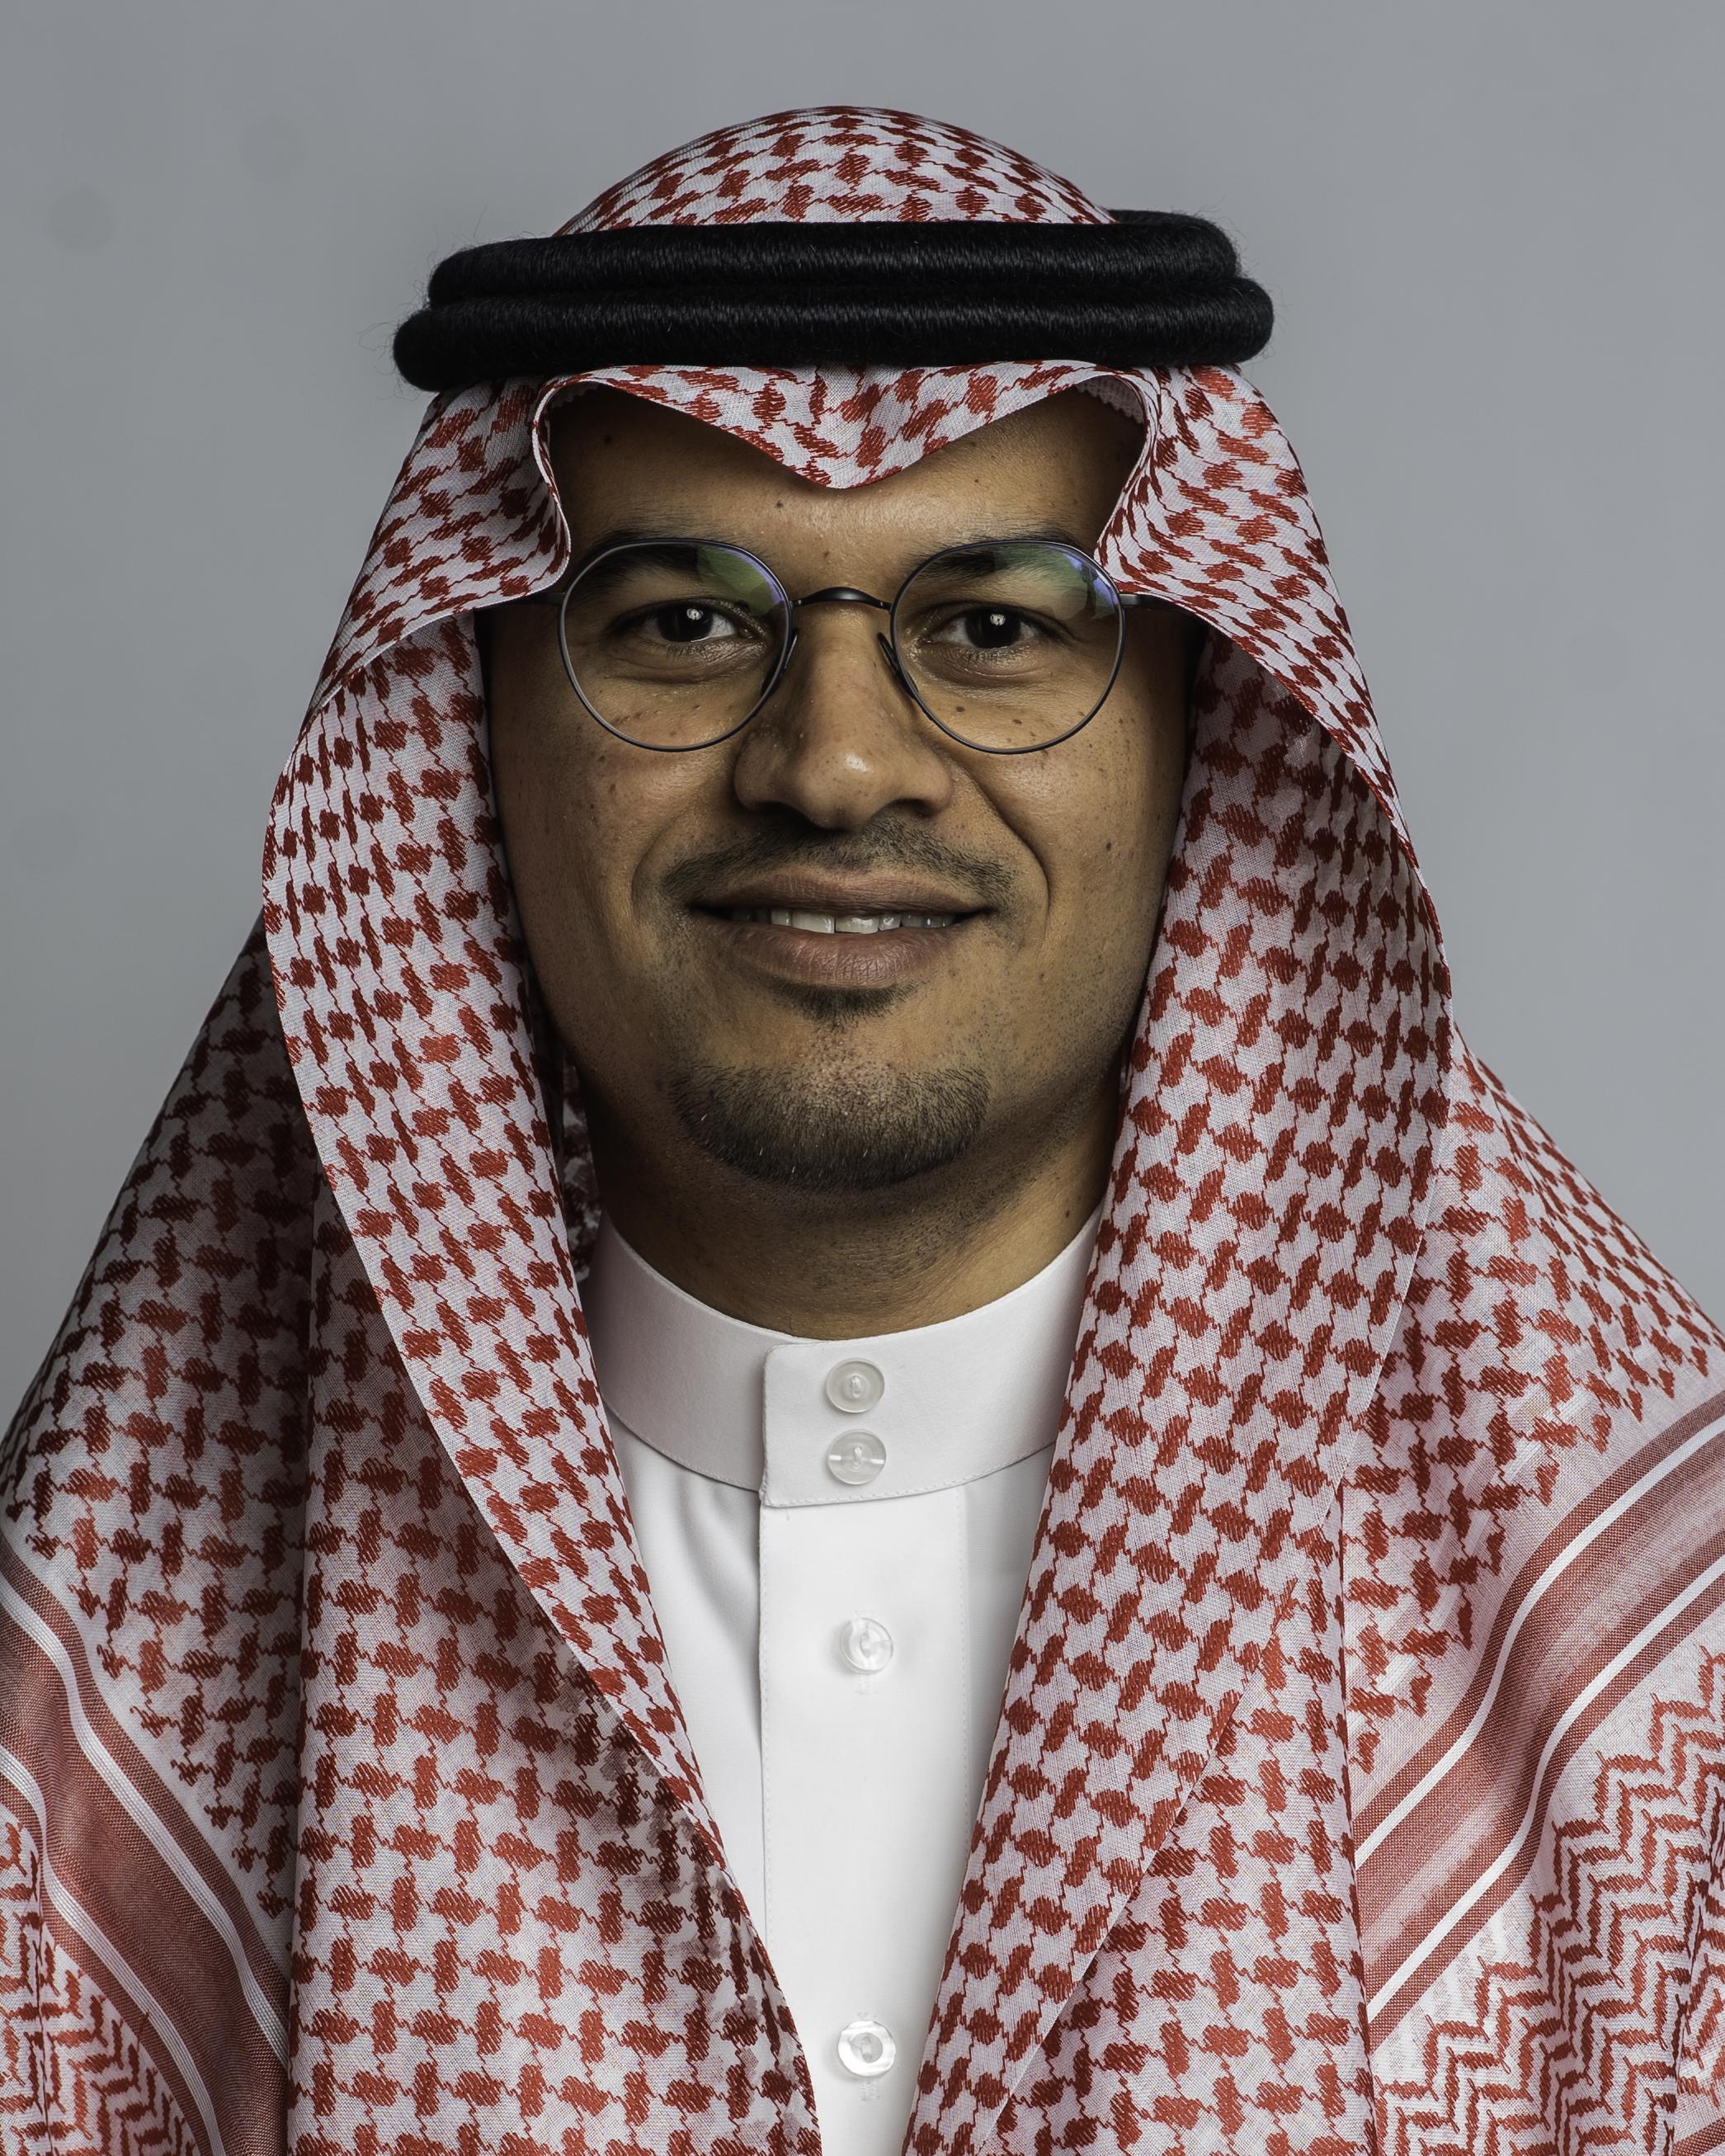 الأستاذ/ فهد عبدالله العيسى